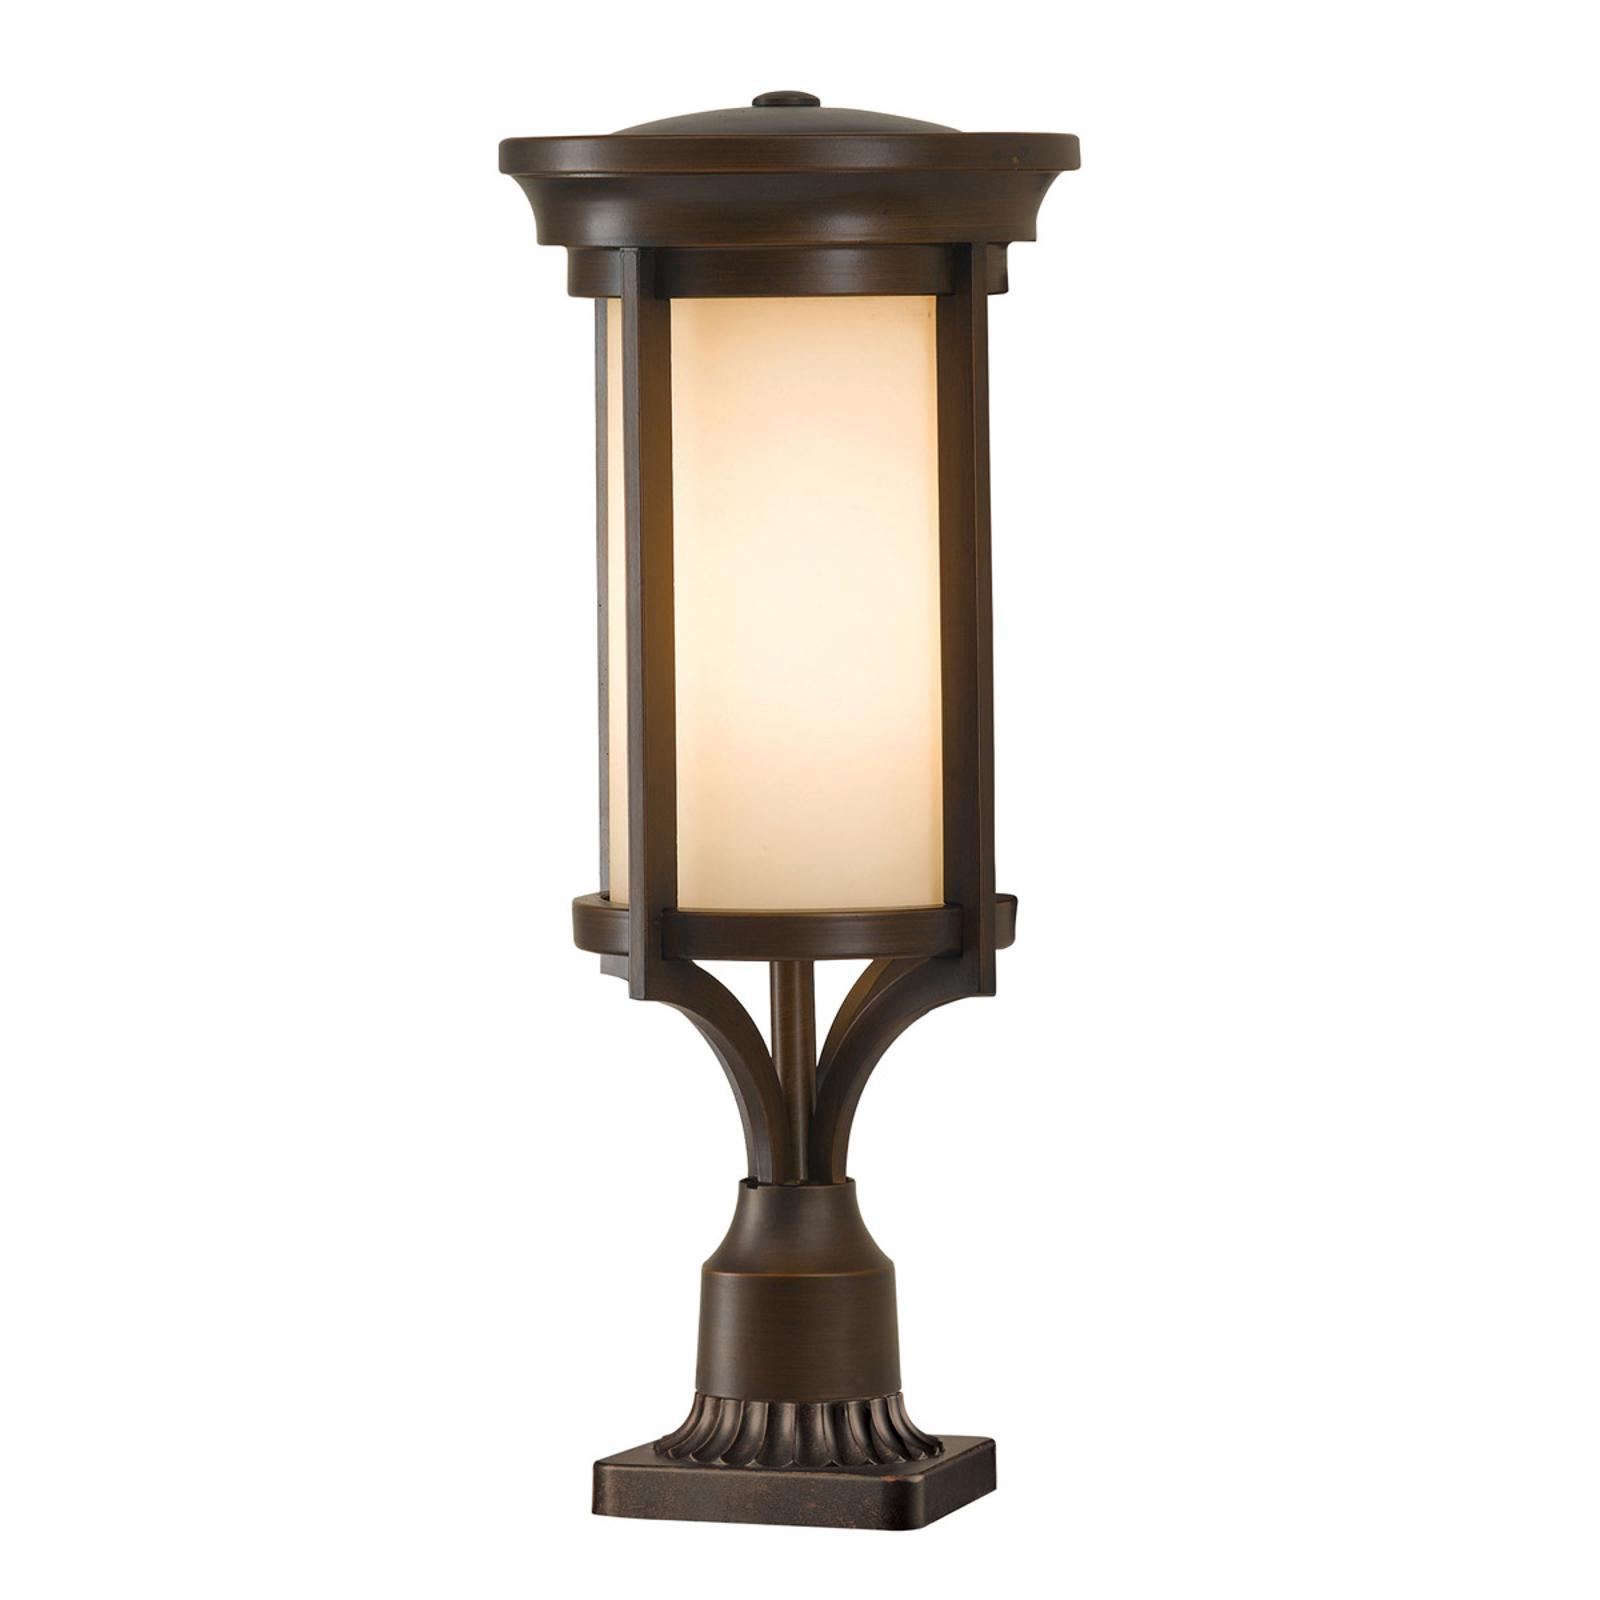 Sokkellamp Merrill in brons